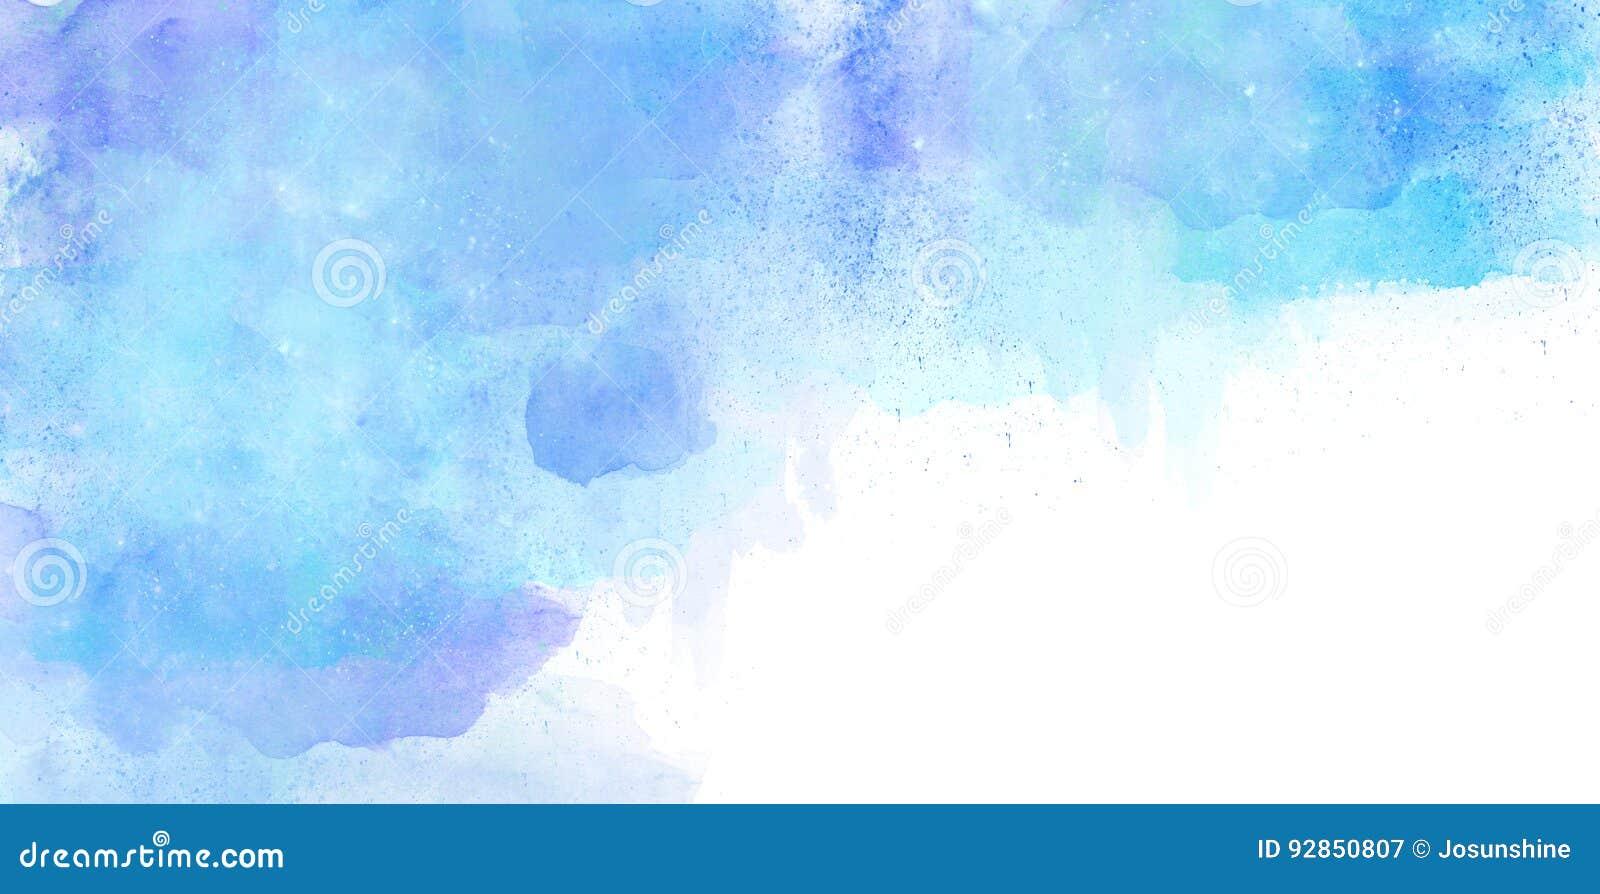 水彩背景蓝色